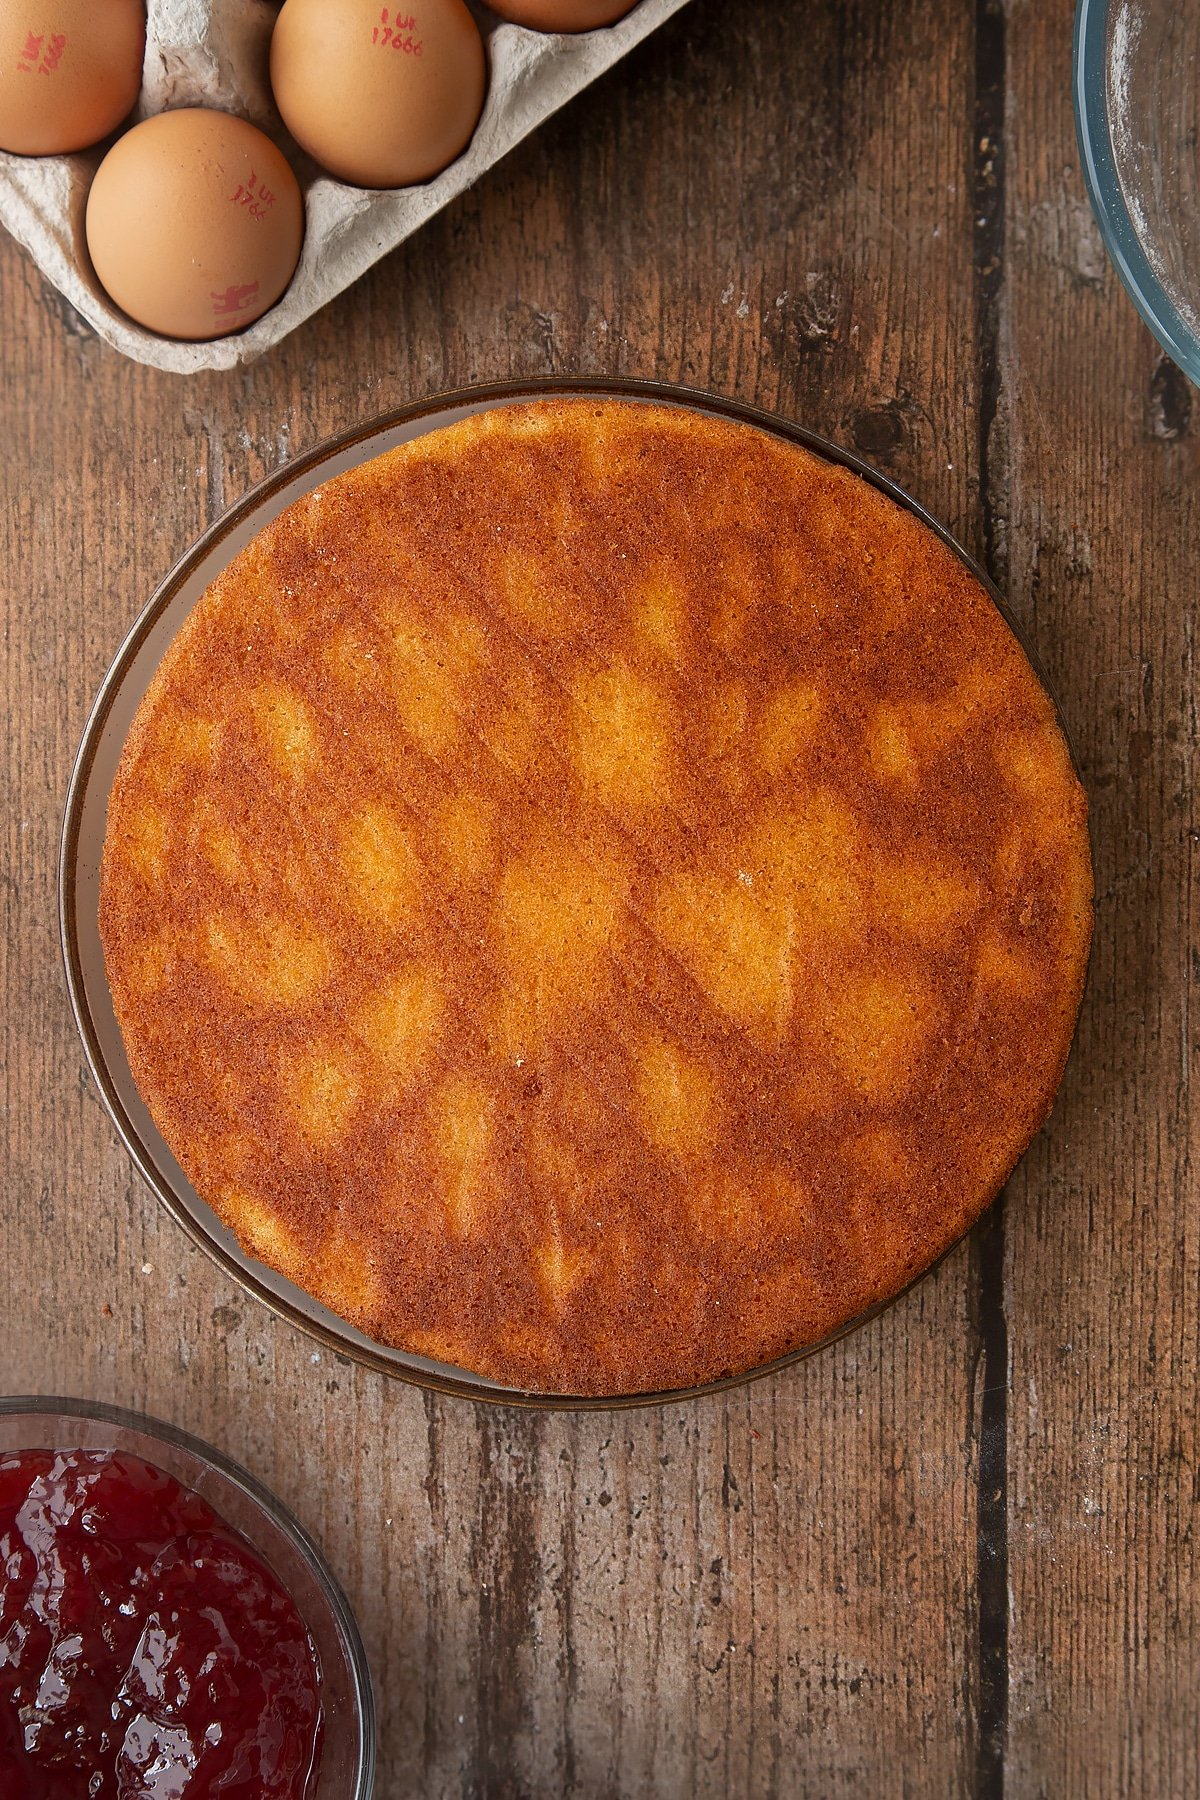 Overhead shot of Golden sponge cake on a wooden table.